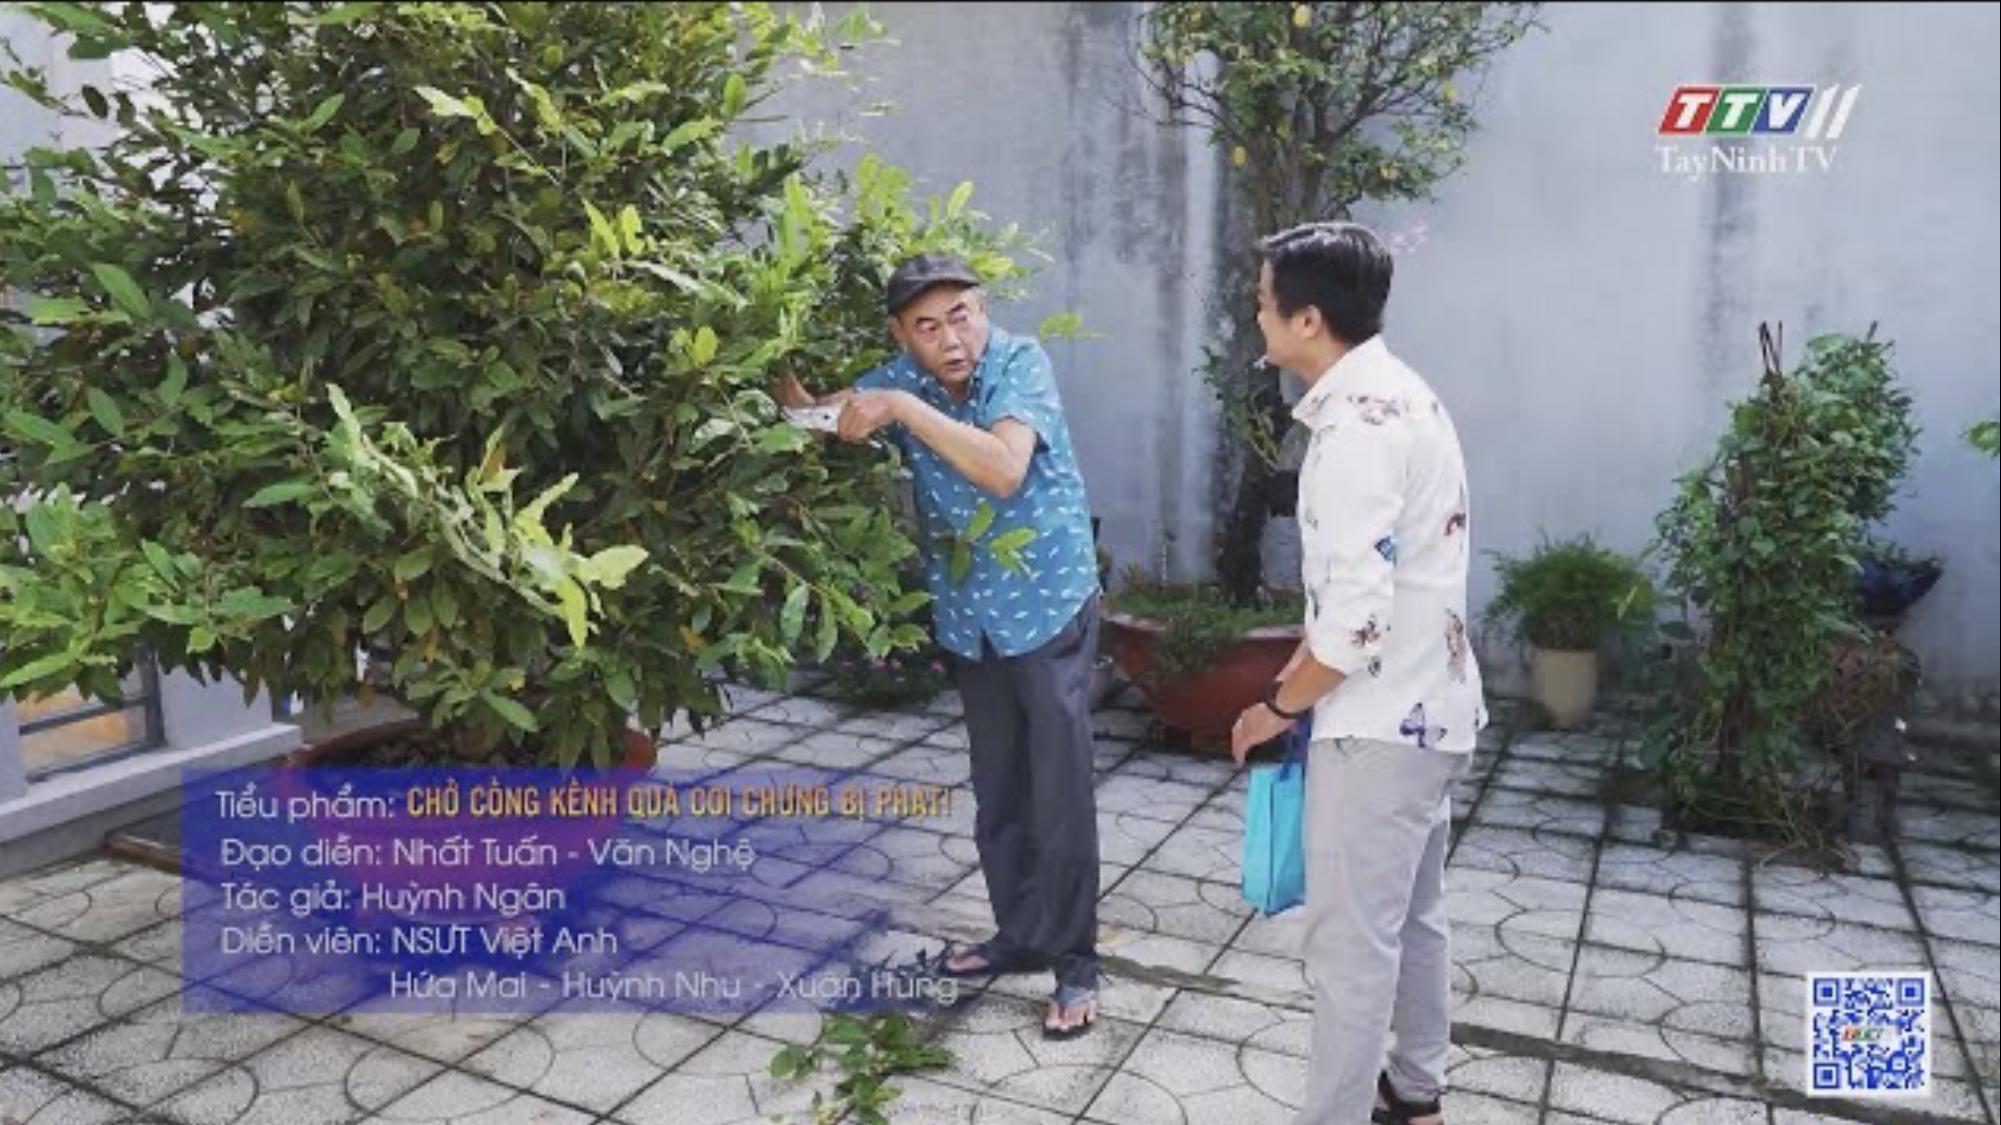 TayNinhTV | Văn hóa giao thông | Chở cồng kềnh quá coi chừng bị phạt